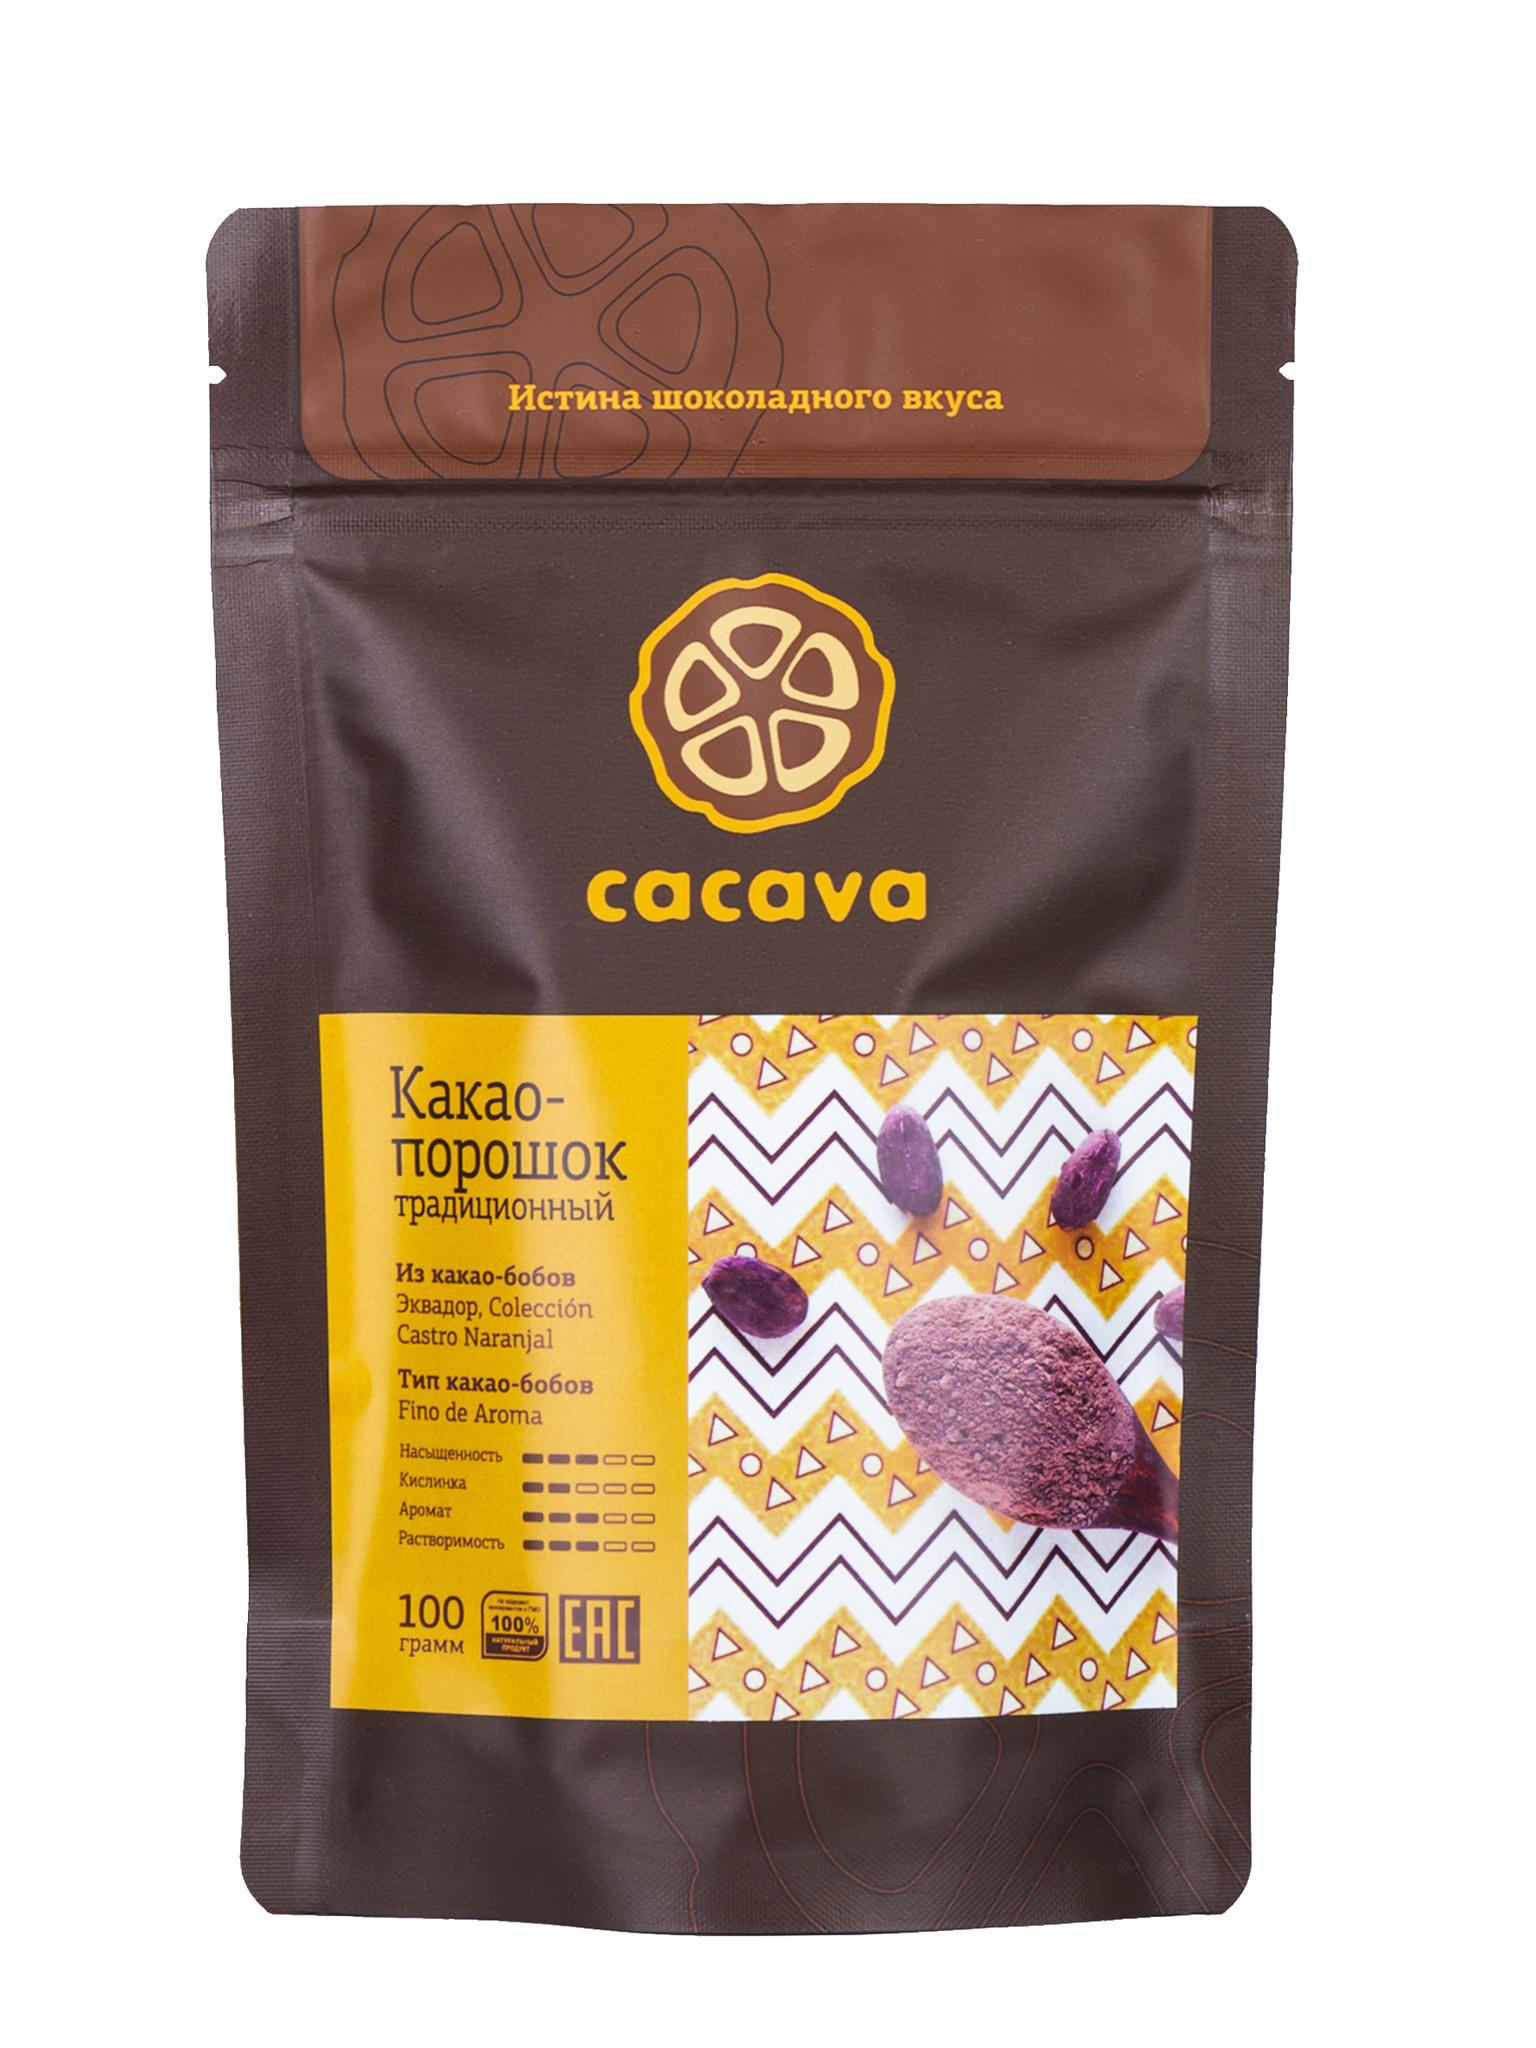 Какао-порошок Традиционный (Эквадор), упаковка 100 грамм